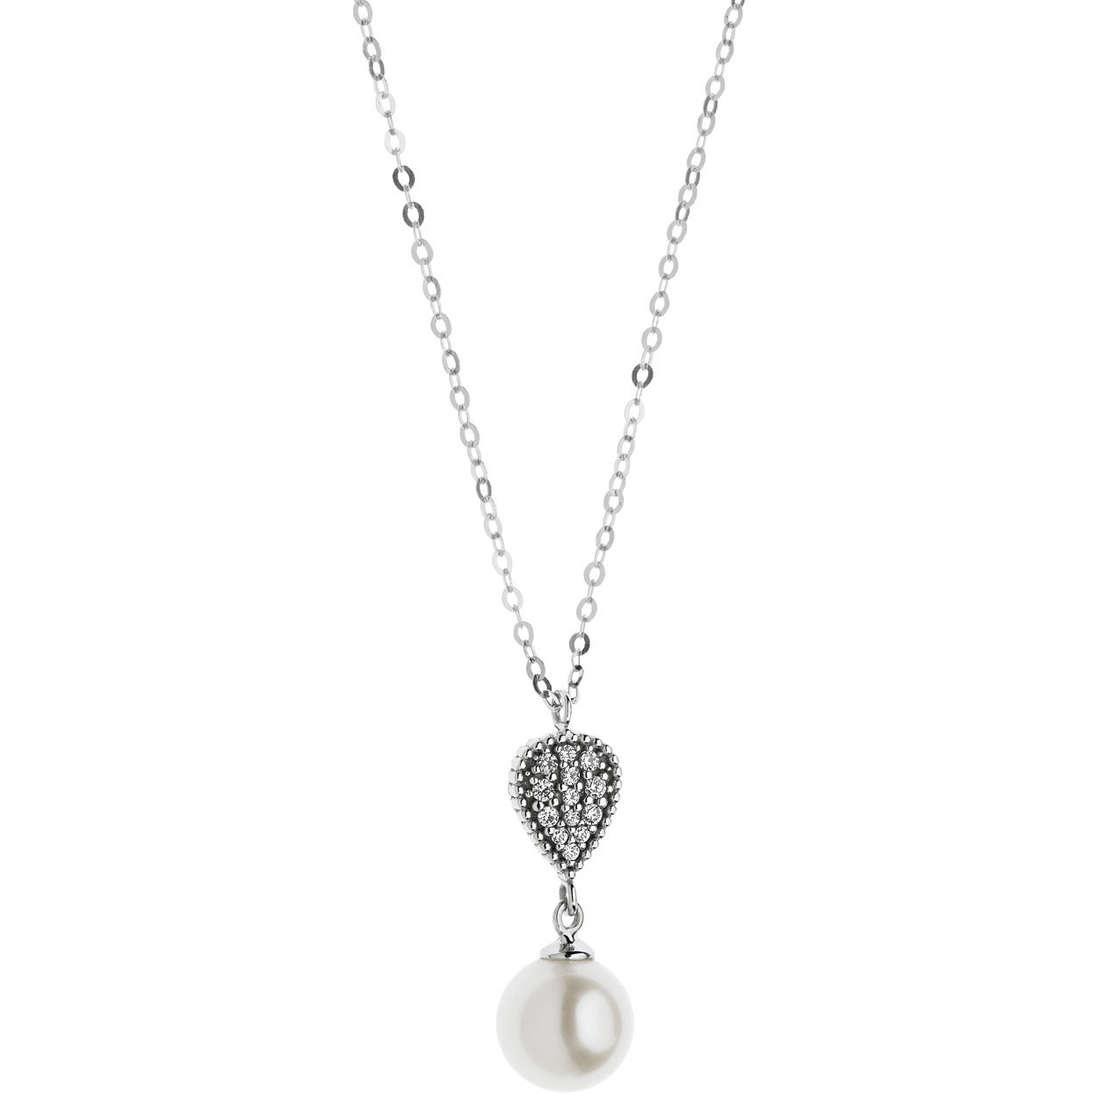 collana donna gioielli Comete Fantasie di diamanti GLP 445